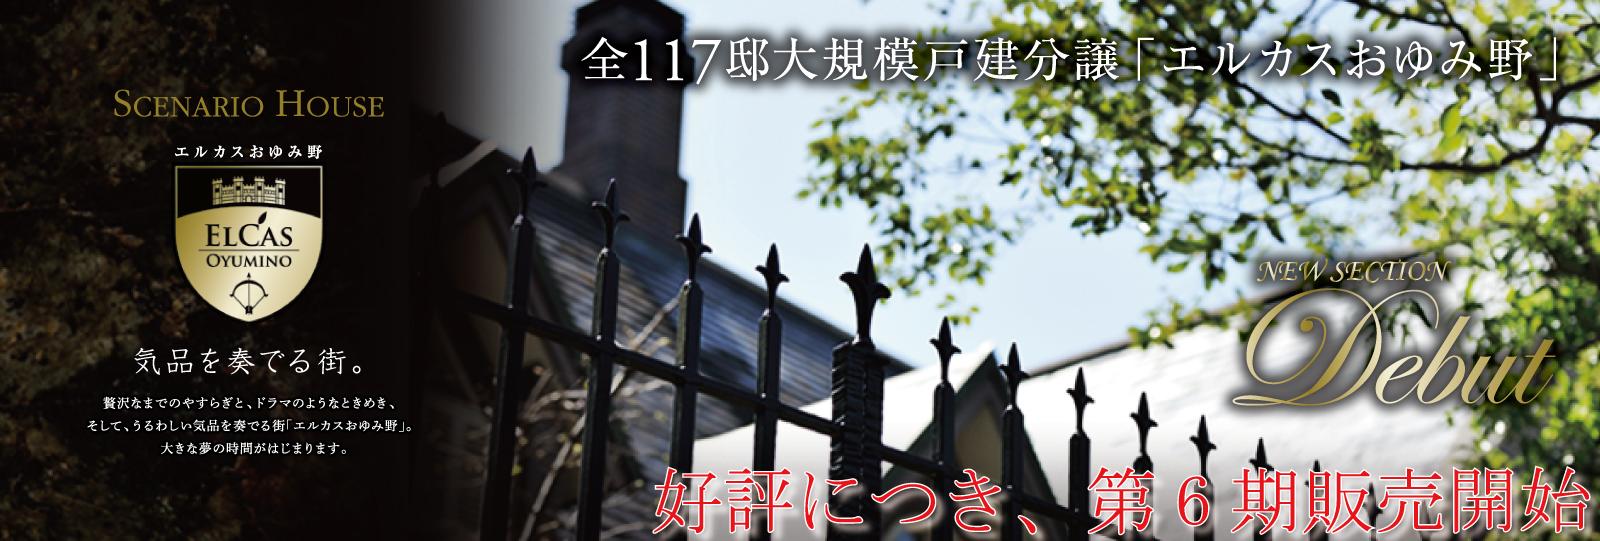 全117邸大規模戸建分譲「エルカスおゆみ野」誕生。